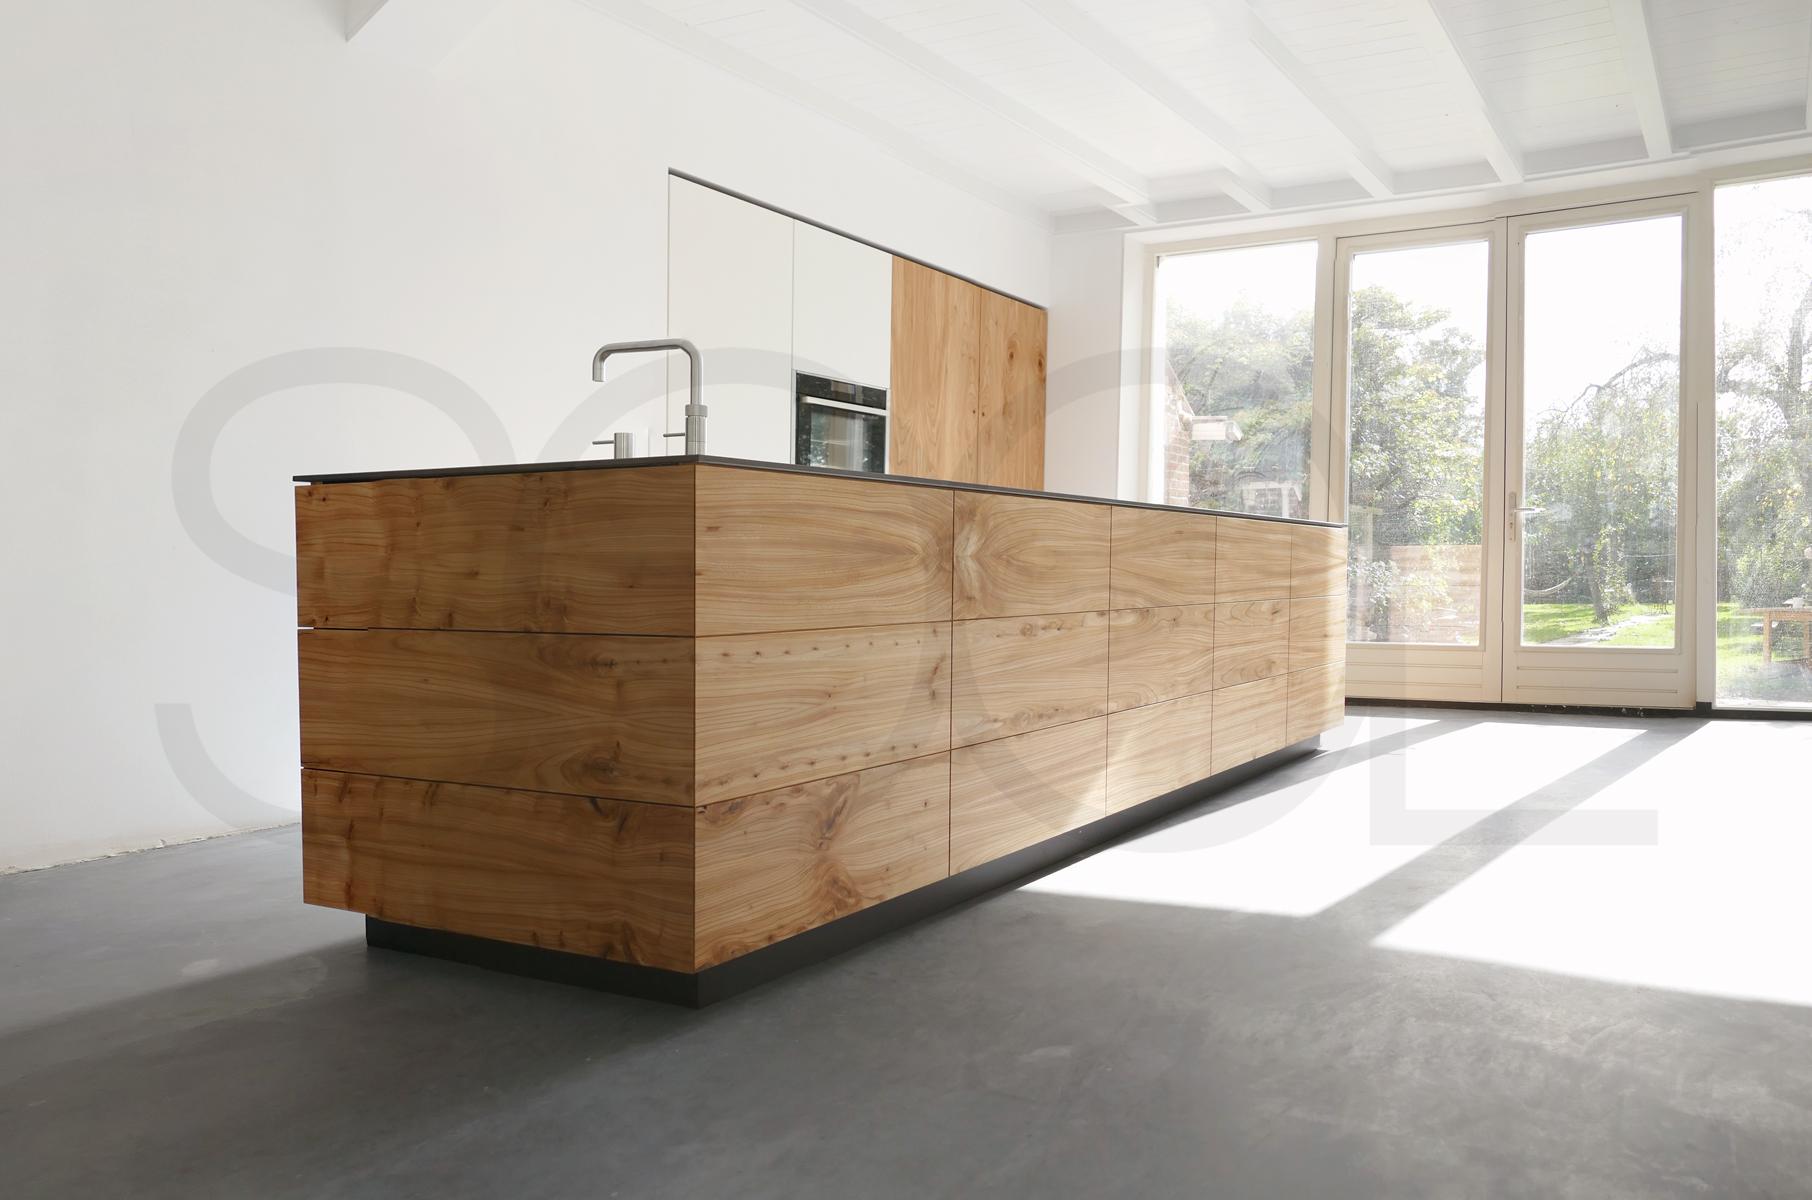 iepenhout keuken te Hijken